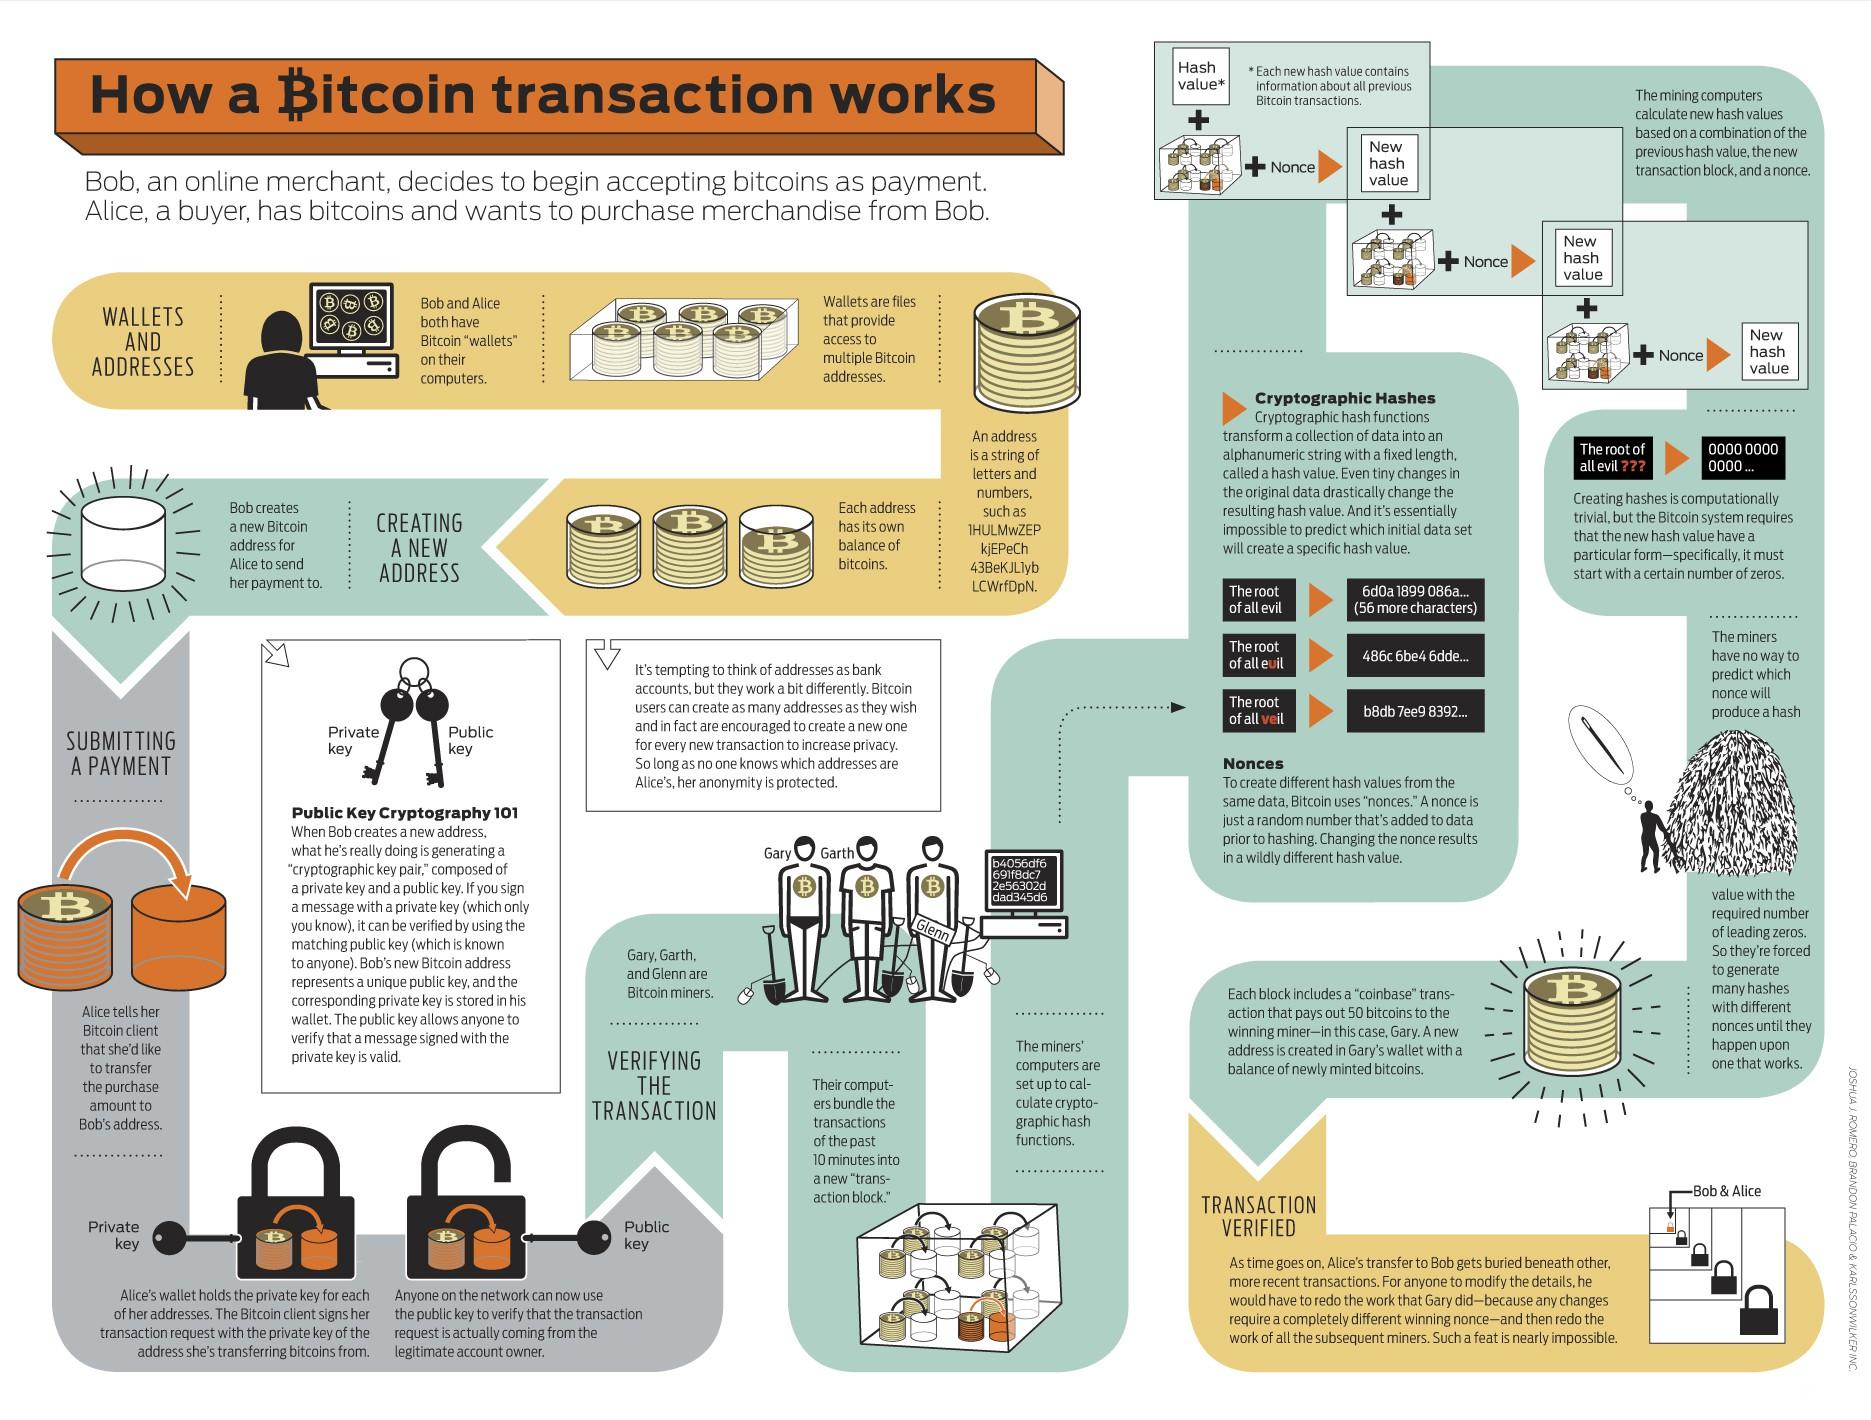 Как привлечь миллион пользователей на торговую площадку Bitcoin